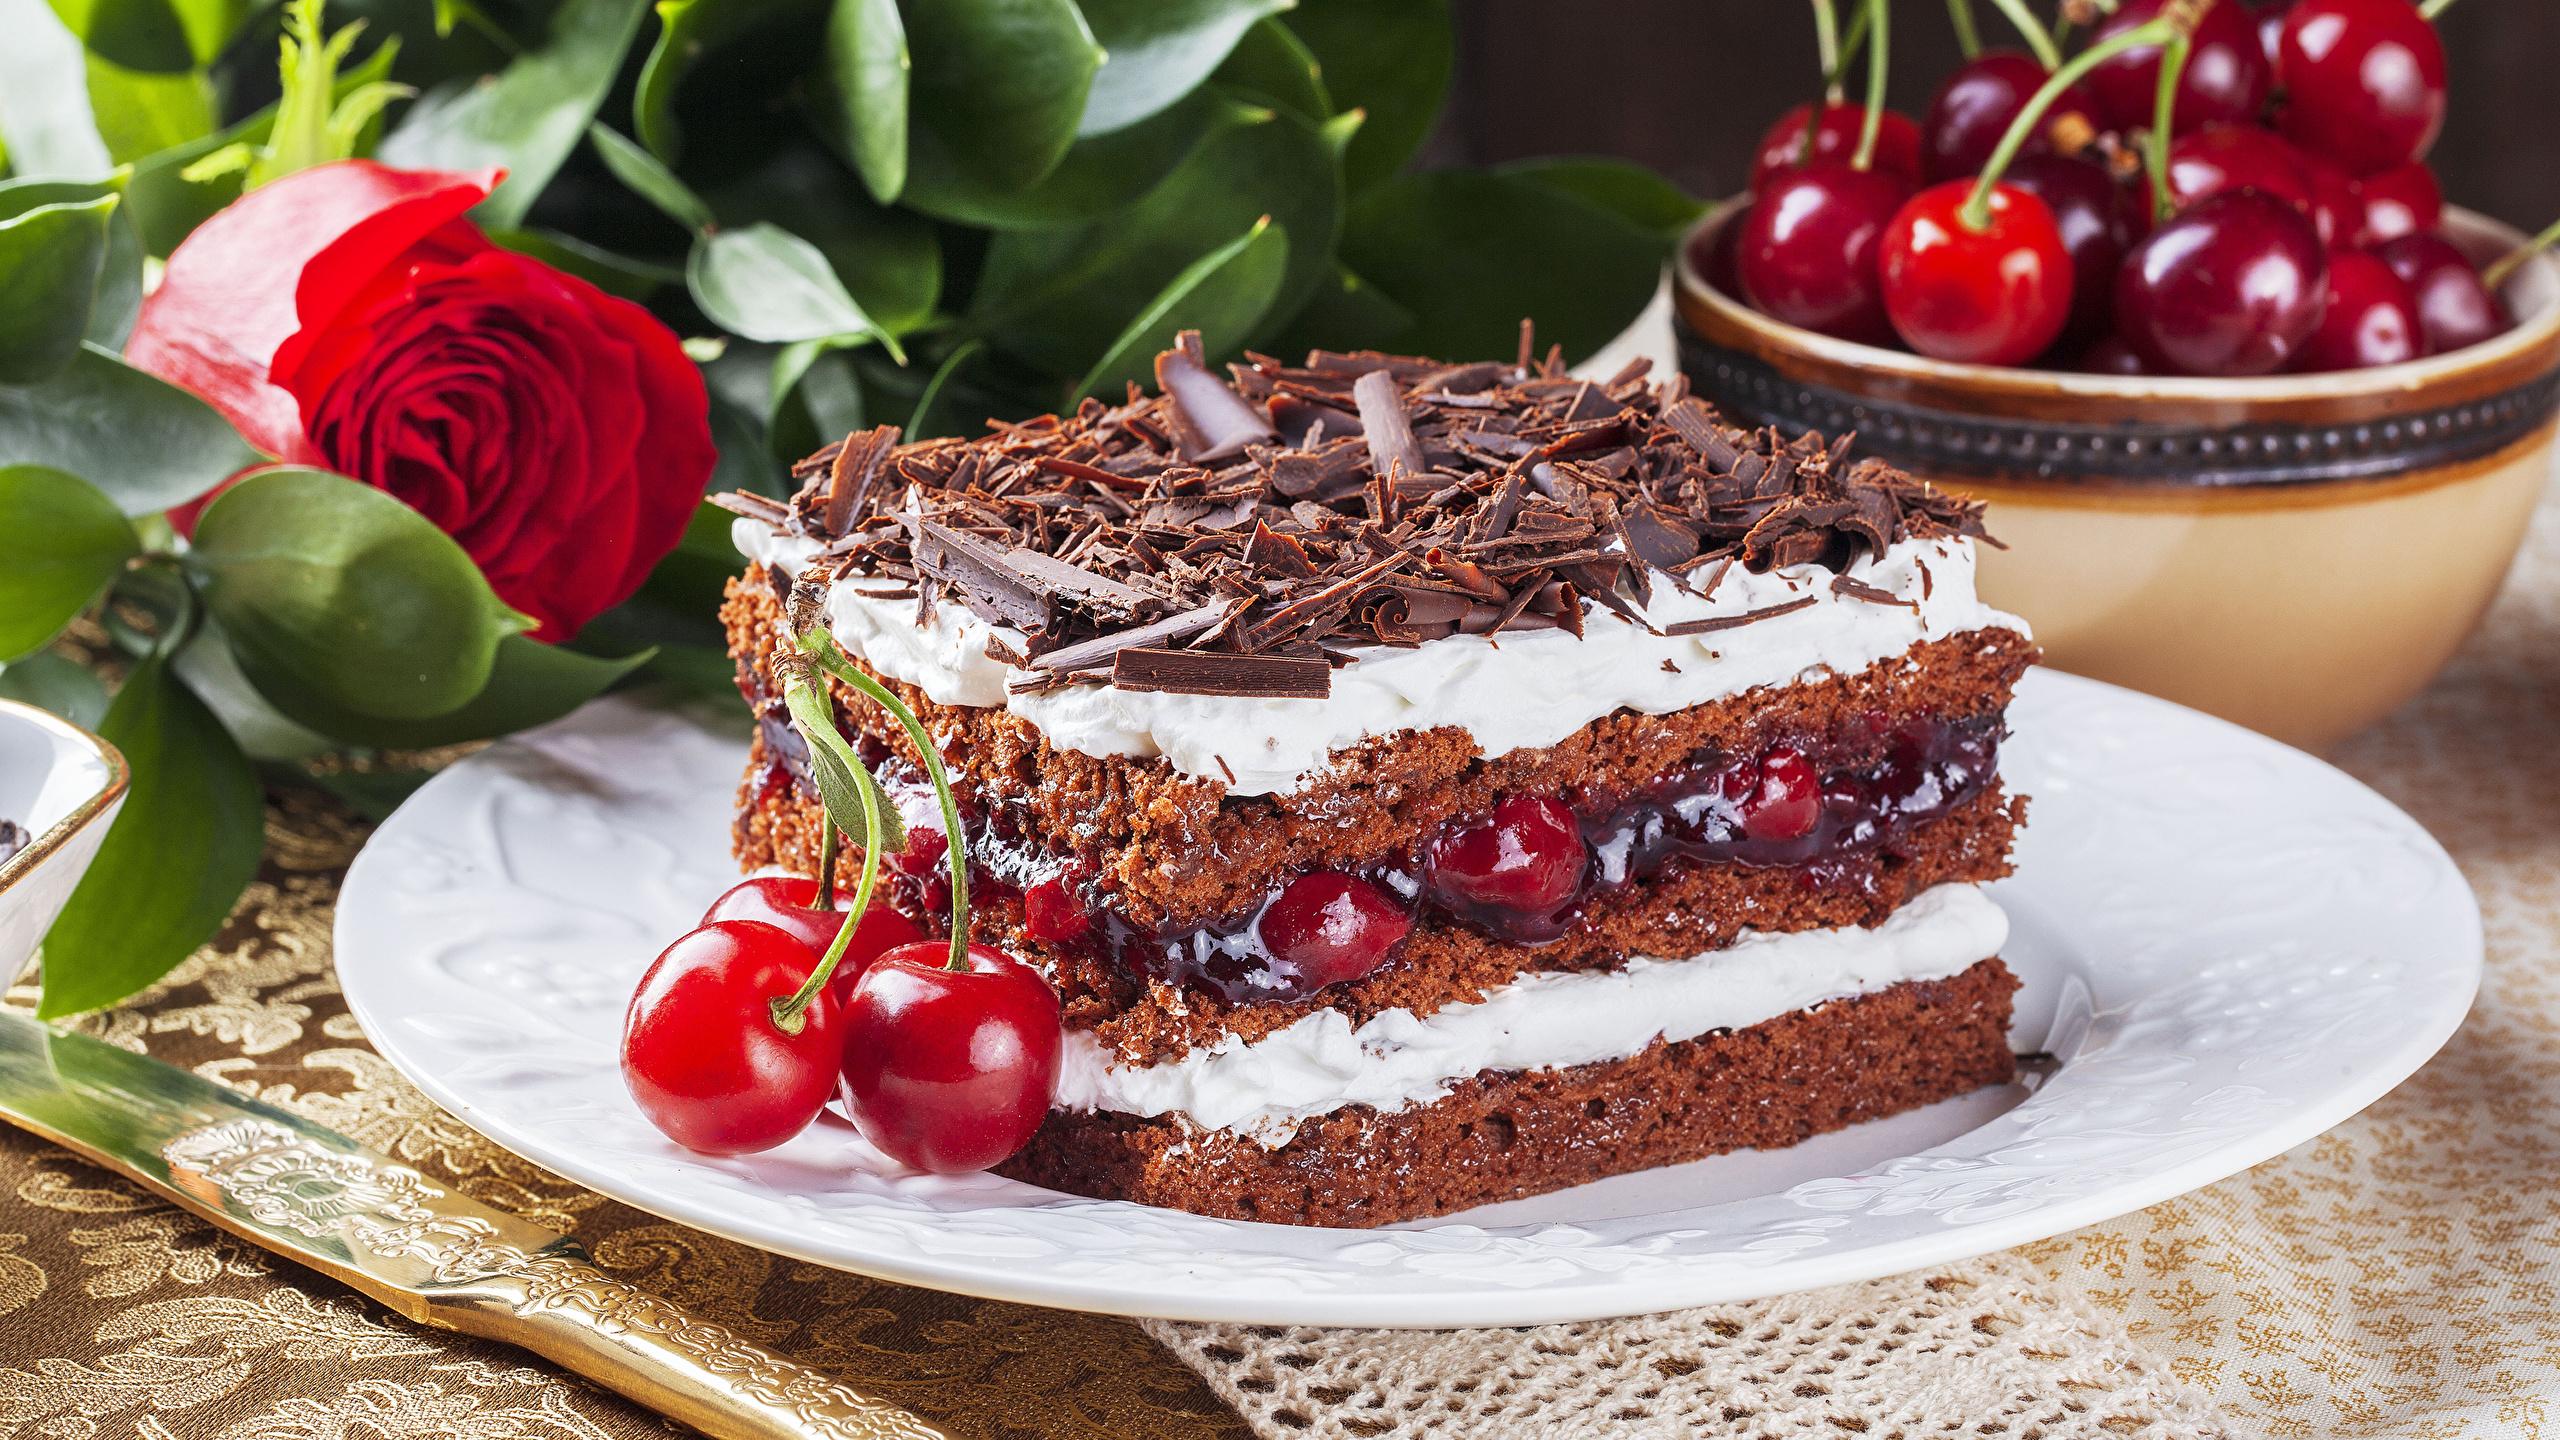 Фото Шоколад Розы Торты Кусок Черешня Продукты питания 2560x1440 часть Вишня Еда Пища